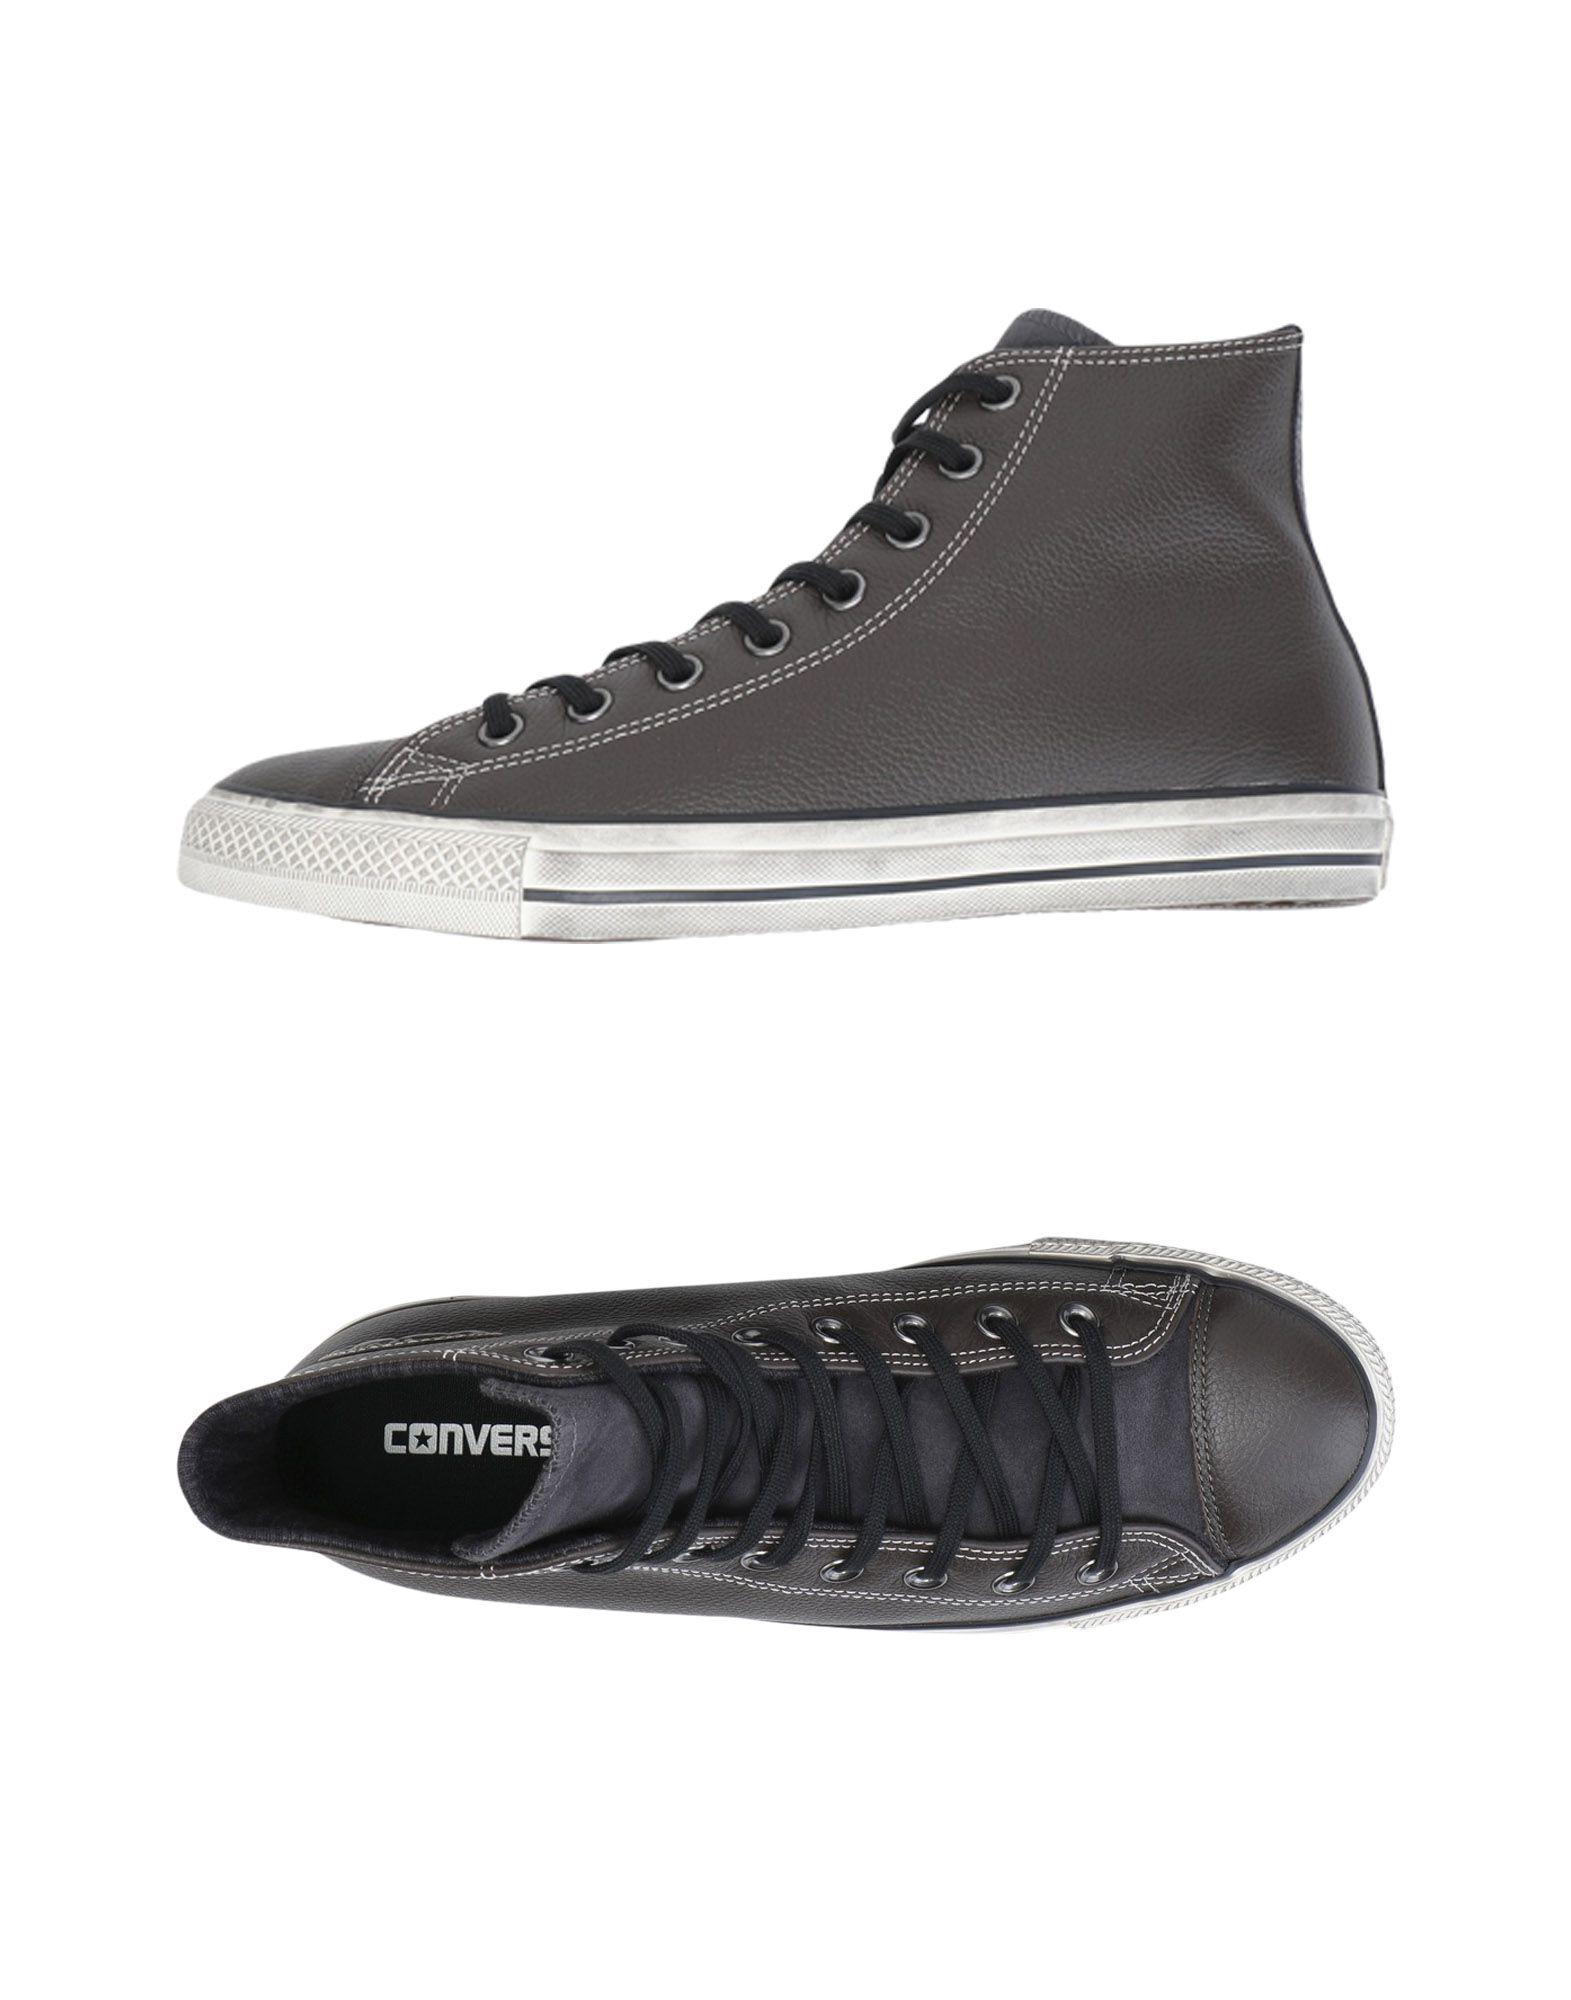 Sneakers Nike Donna - 11361162WT Scarpe economiche e buone